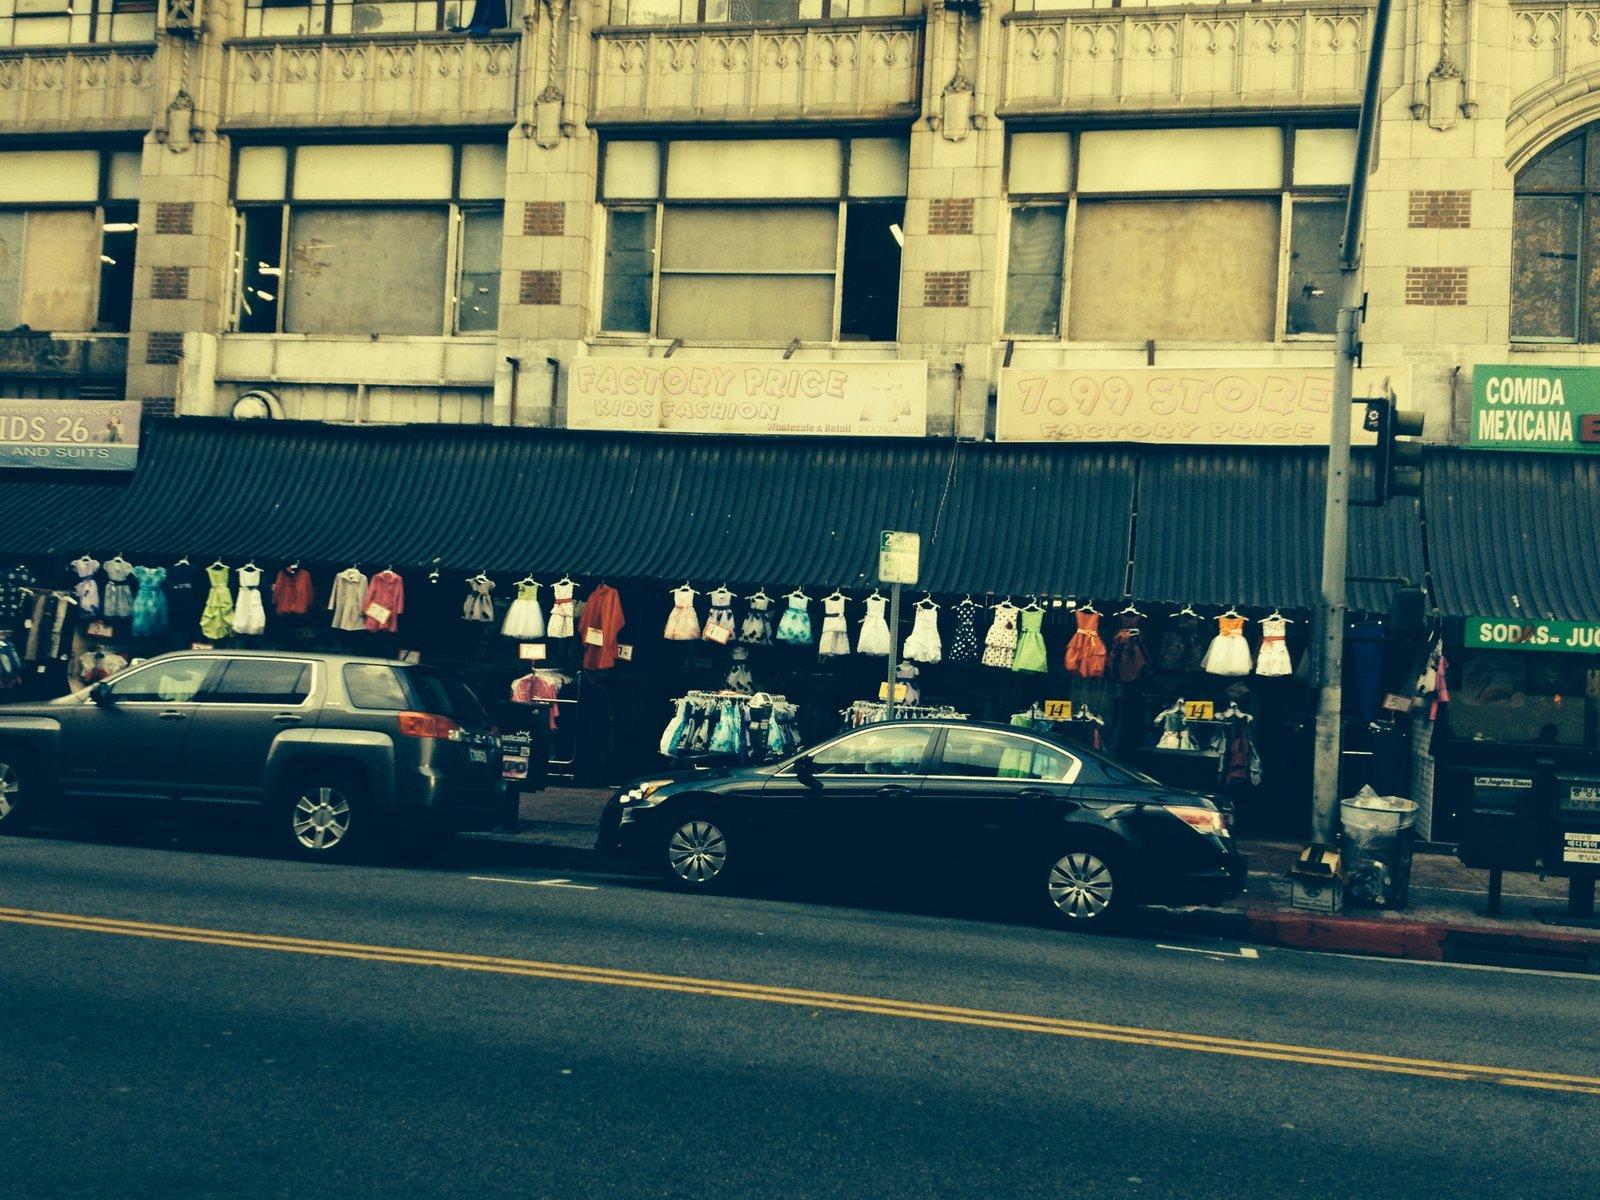 Los Angeles Fashion District Santee Alley